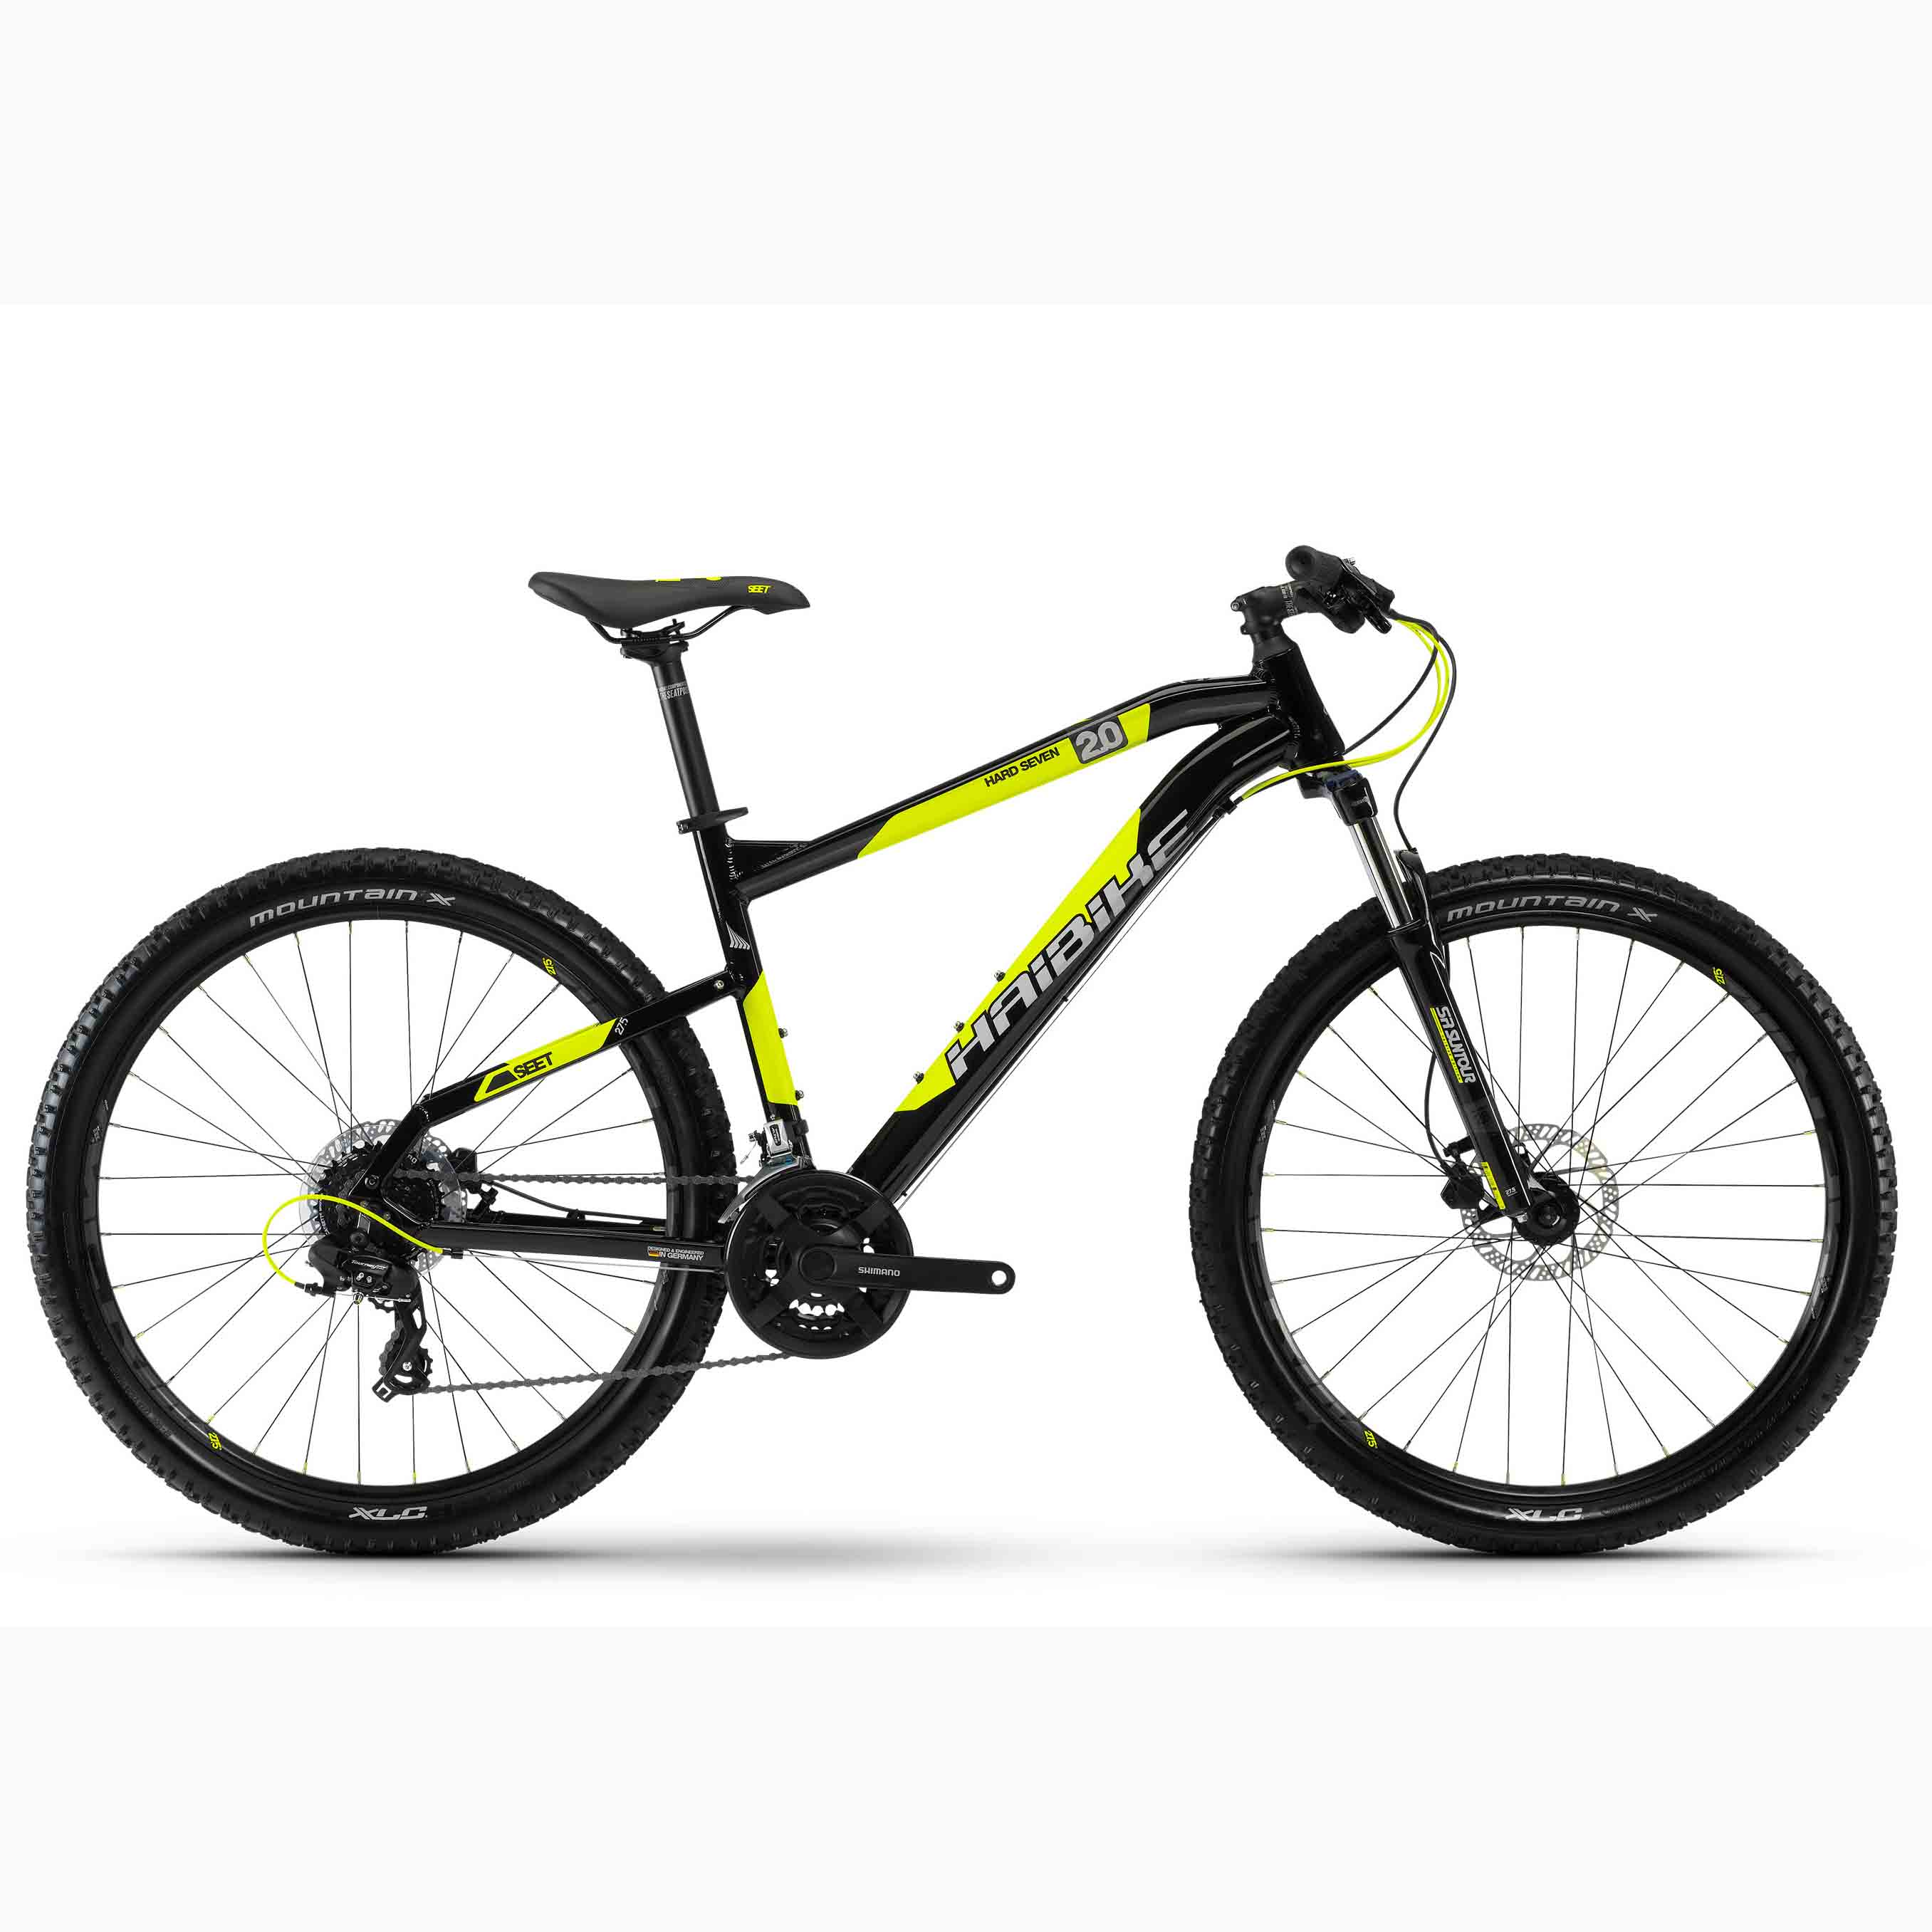 Фото Велосипед Haibike SEET HardSeven 2.0 27,5″, рама 50см, 2018